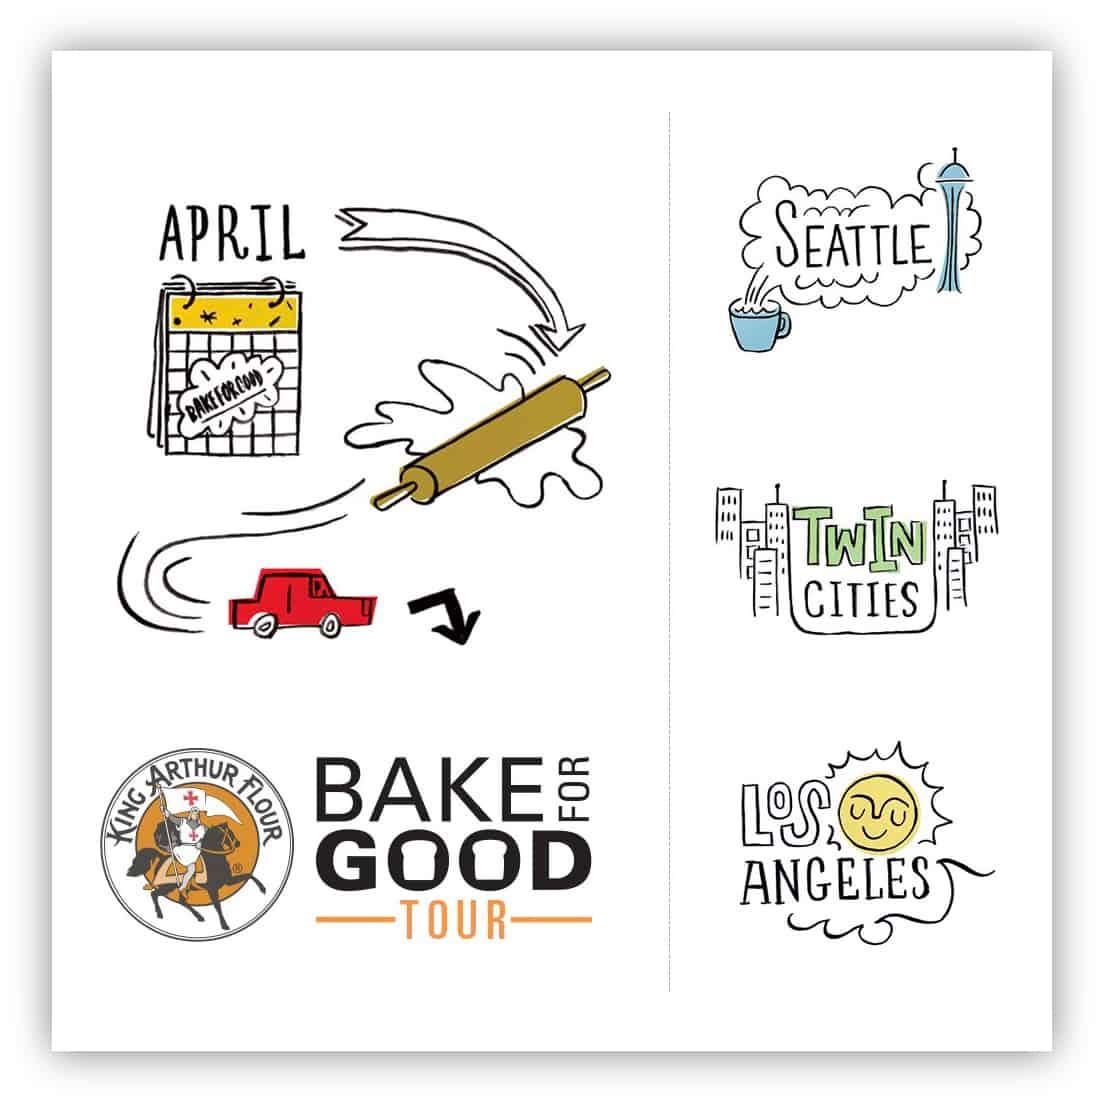 #BakeForGoodTour with King Arthur Flour - afarmgirlsdabbles.com